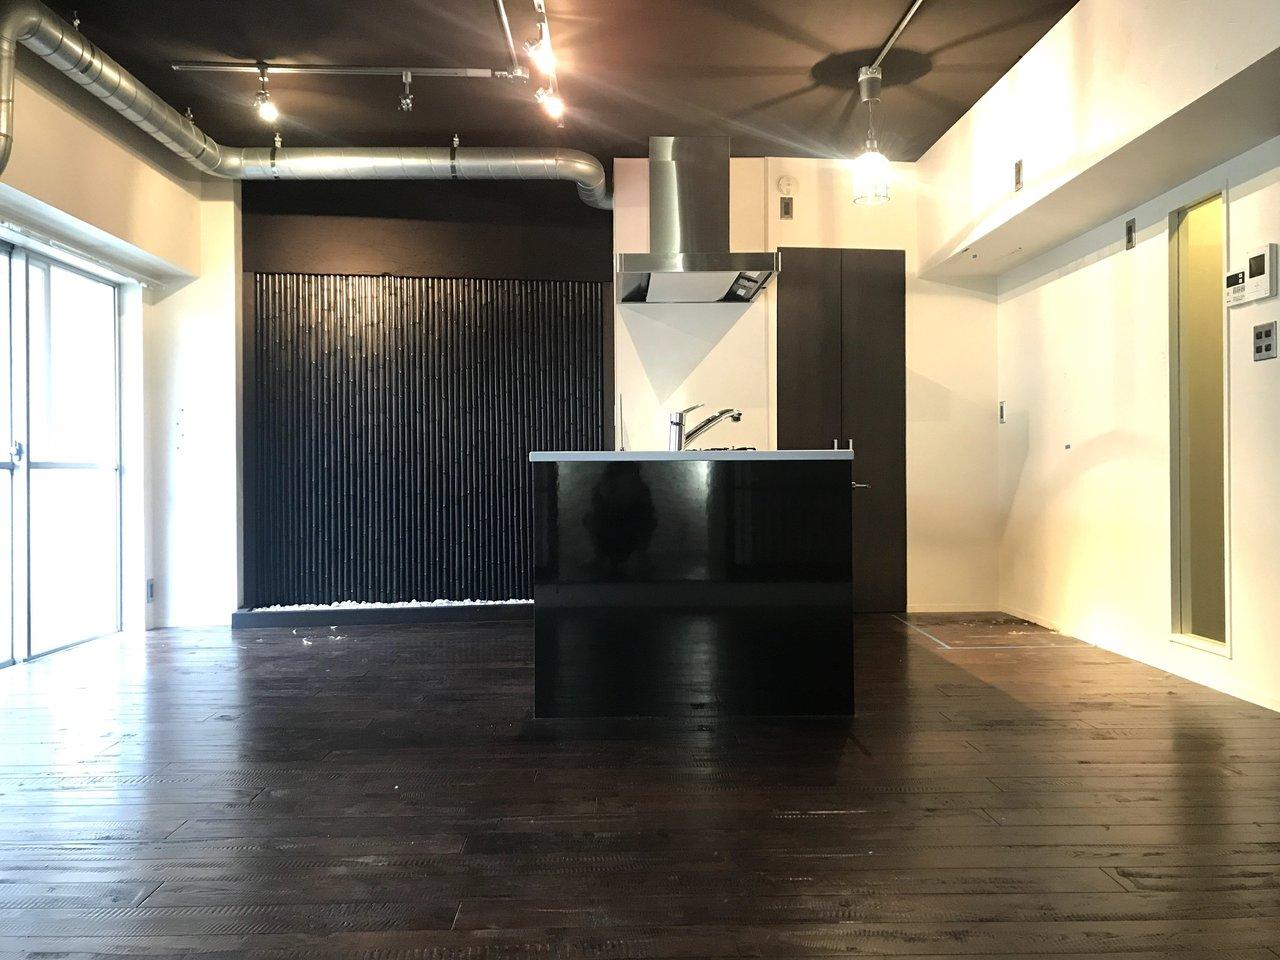 最後にご紹介するのもリノベのお部屋。おしゃれなレストランに迷い込んだかのような、圧巻のリノベーションが見どころです。